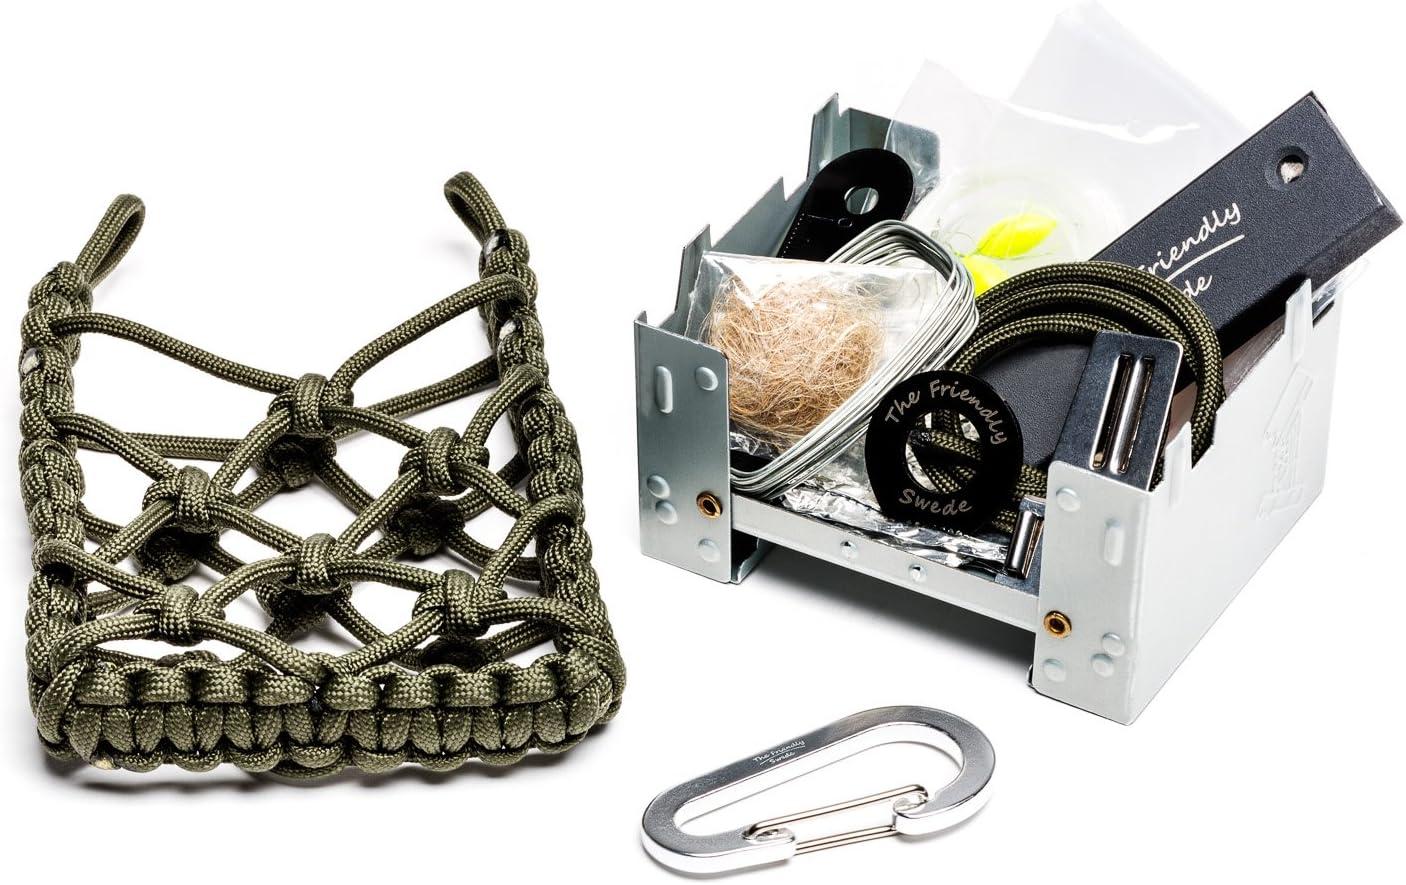 The Friendly Swede Estufa de camping con kit de supervivencia, bolsa de paracord – estufa de madera para viajes, iniciador de fuego, herramientas de ...